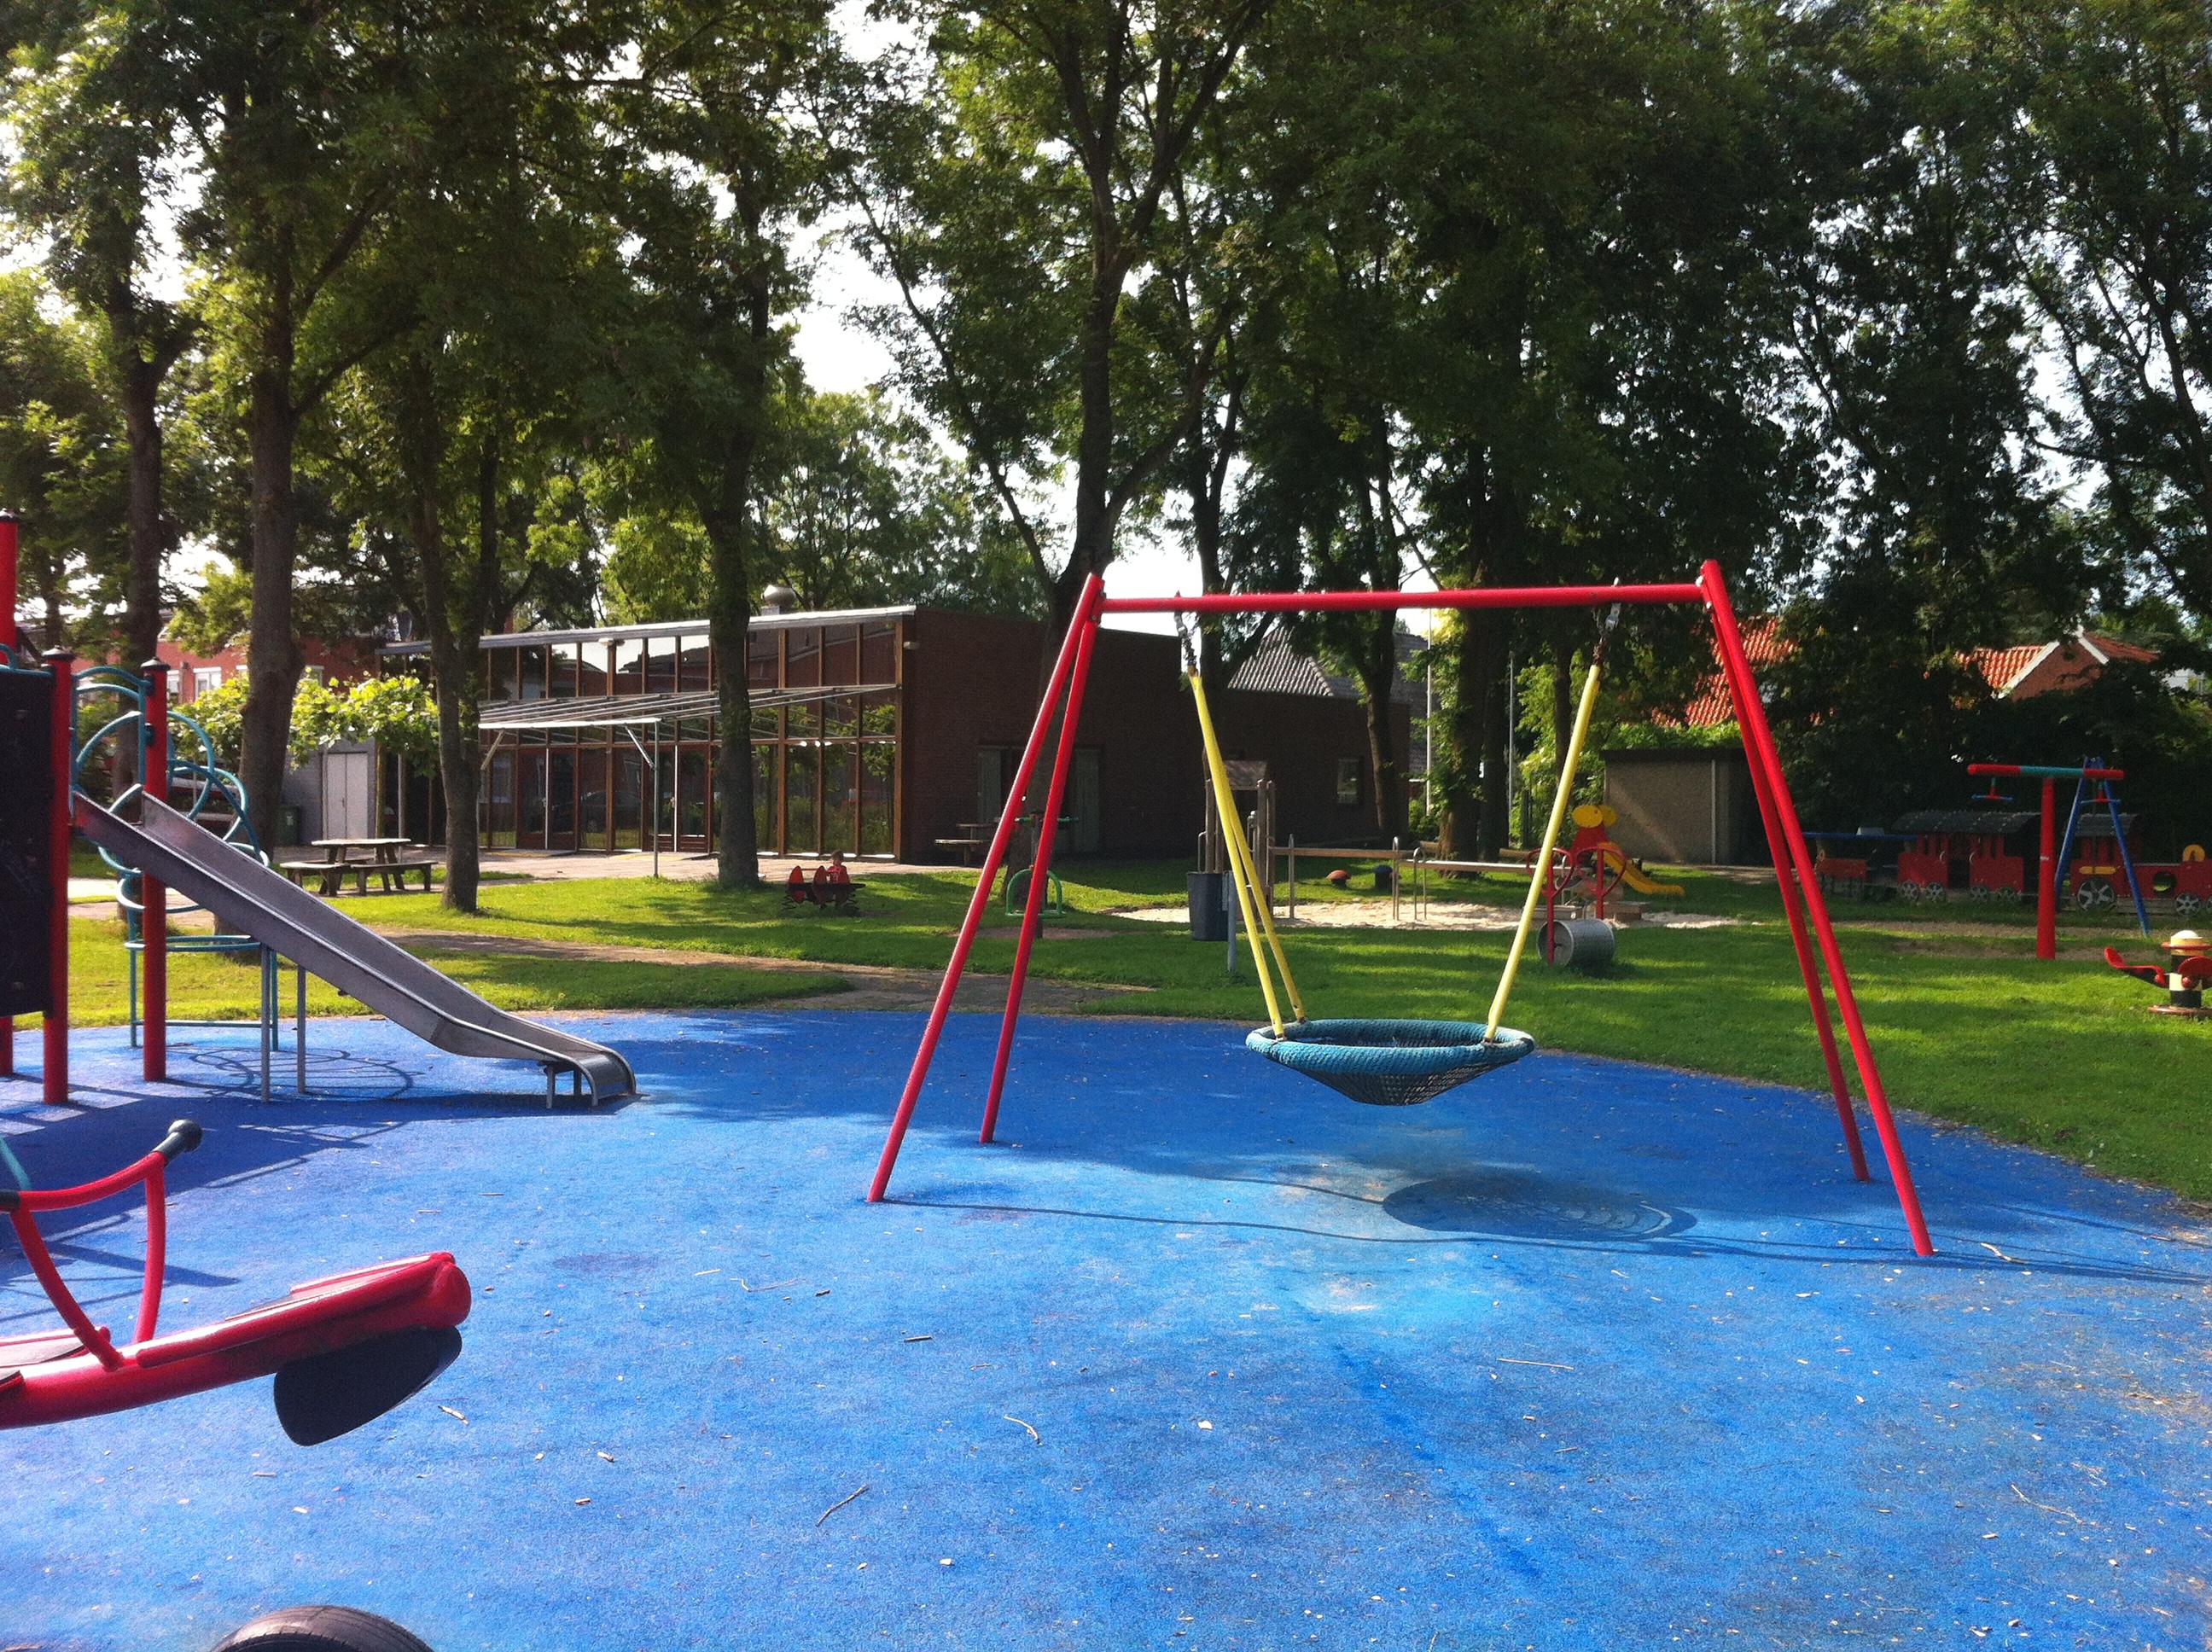 Kinderopvang Poppejans Groningen - speeltuingebouw Woldweg Ruischerbrug